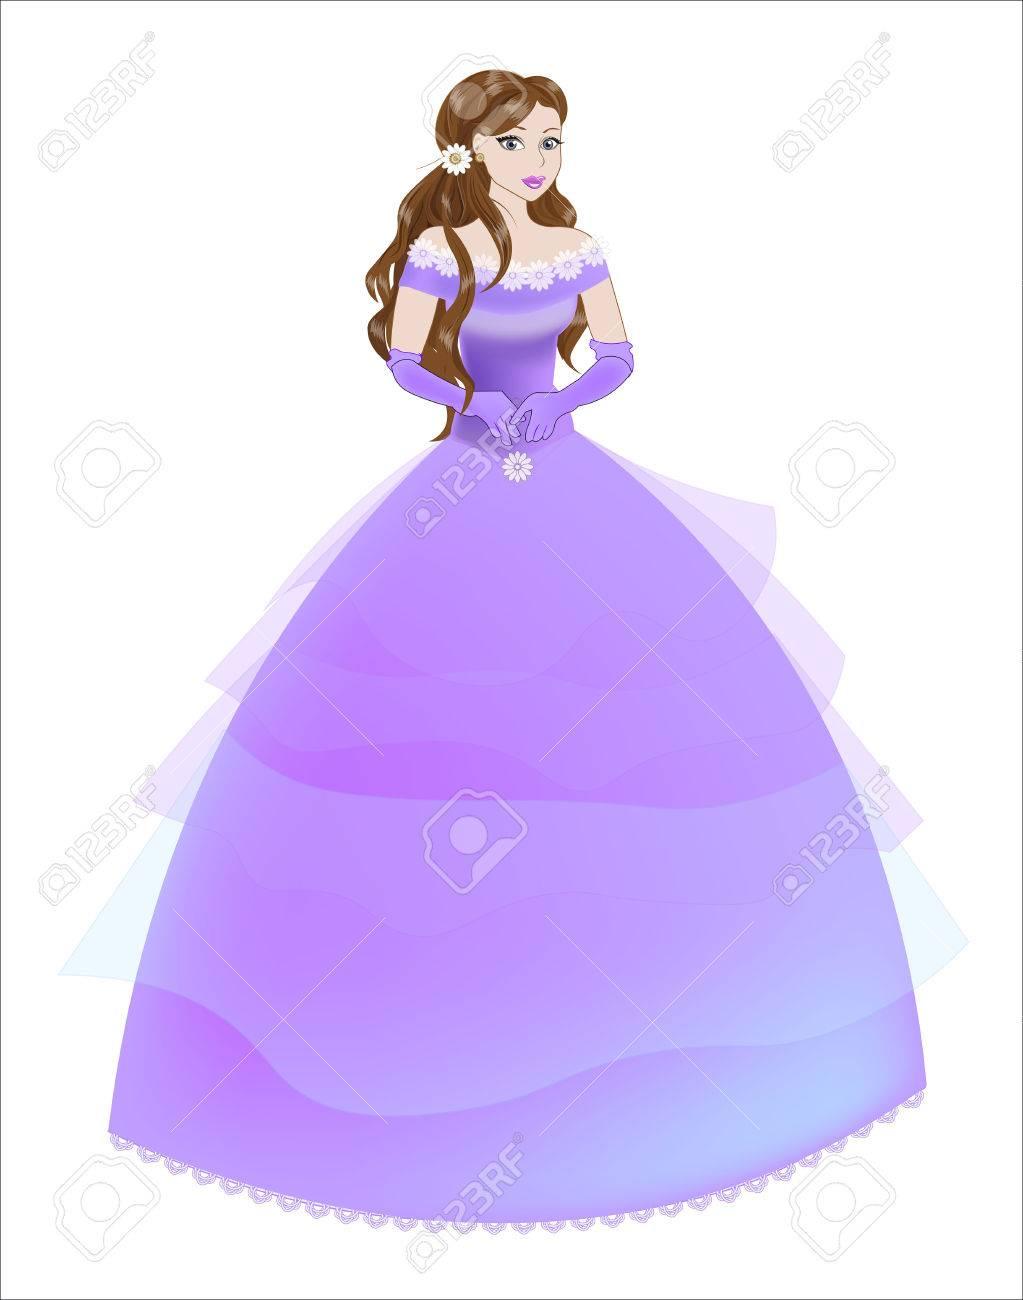 La Gran Novia De La Princesa Con El Pelo Castaño Con Un Vestido ...